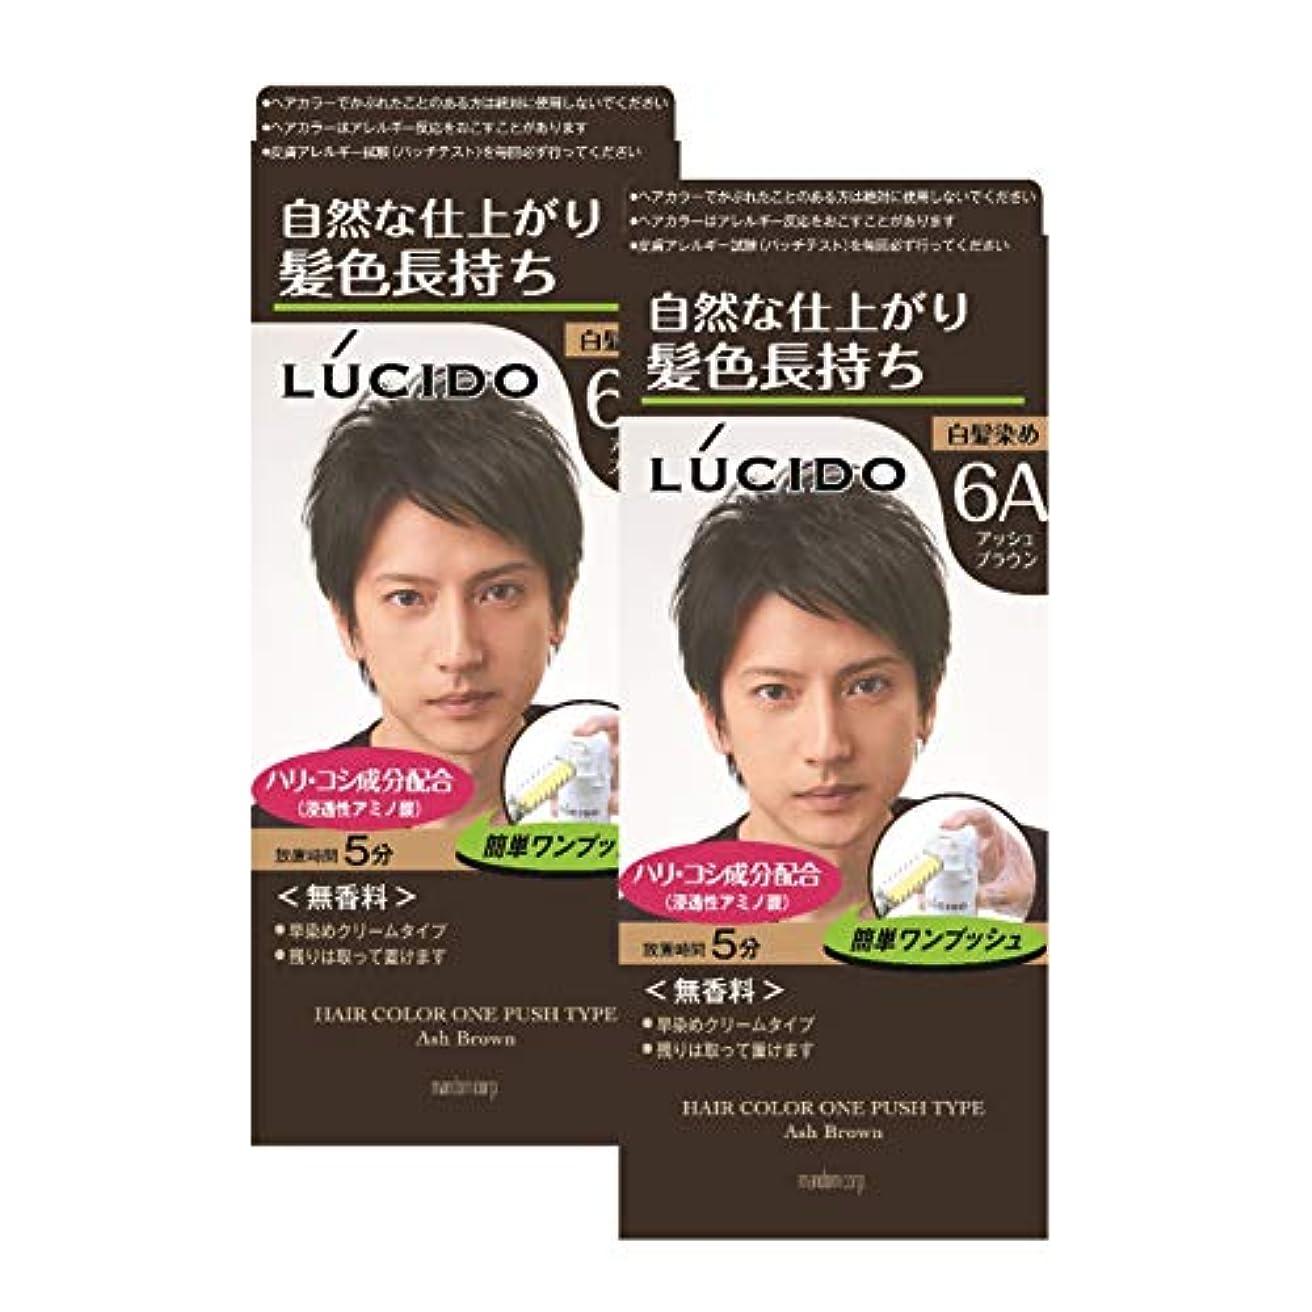 インスタンス欲しいです流LUCIDO(ルシード) ルシード ワンプッシュケアカラー アッシュブラウン (医薬部外品) 白髪染め 2個パック